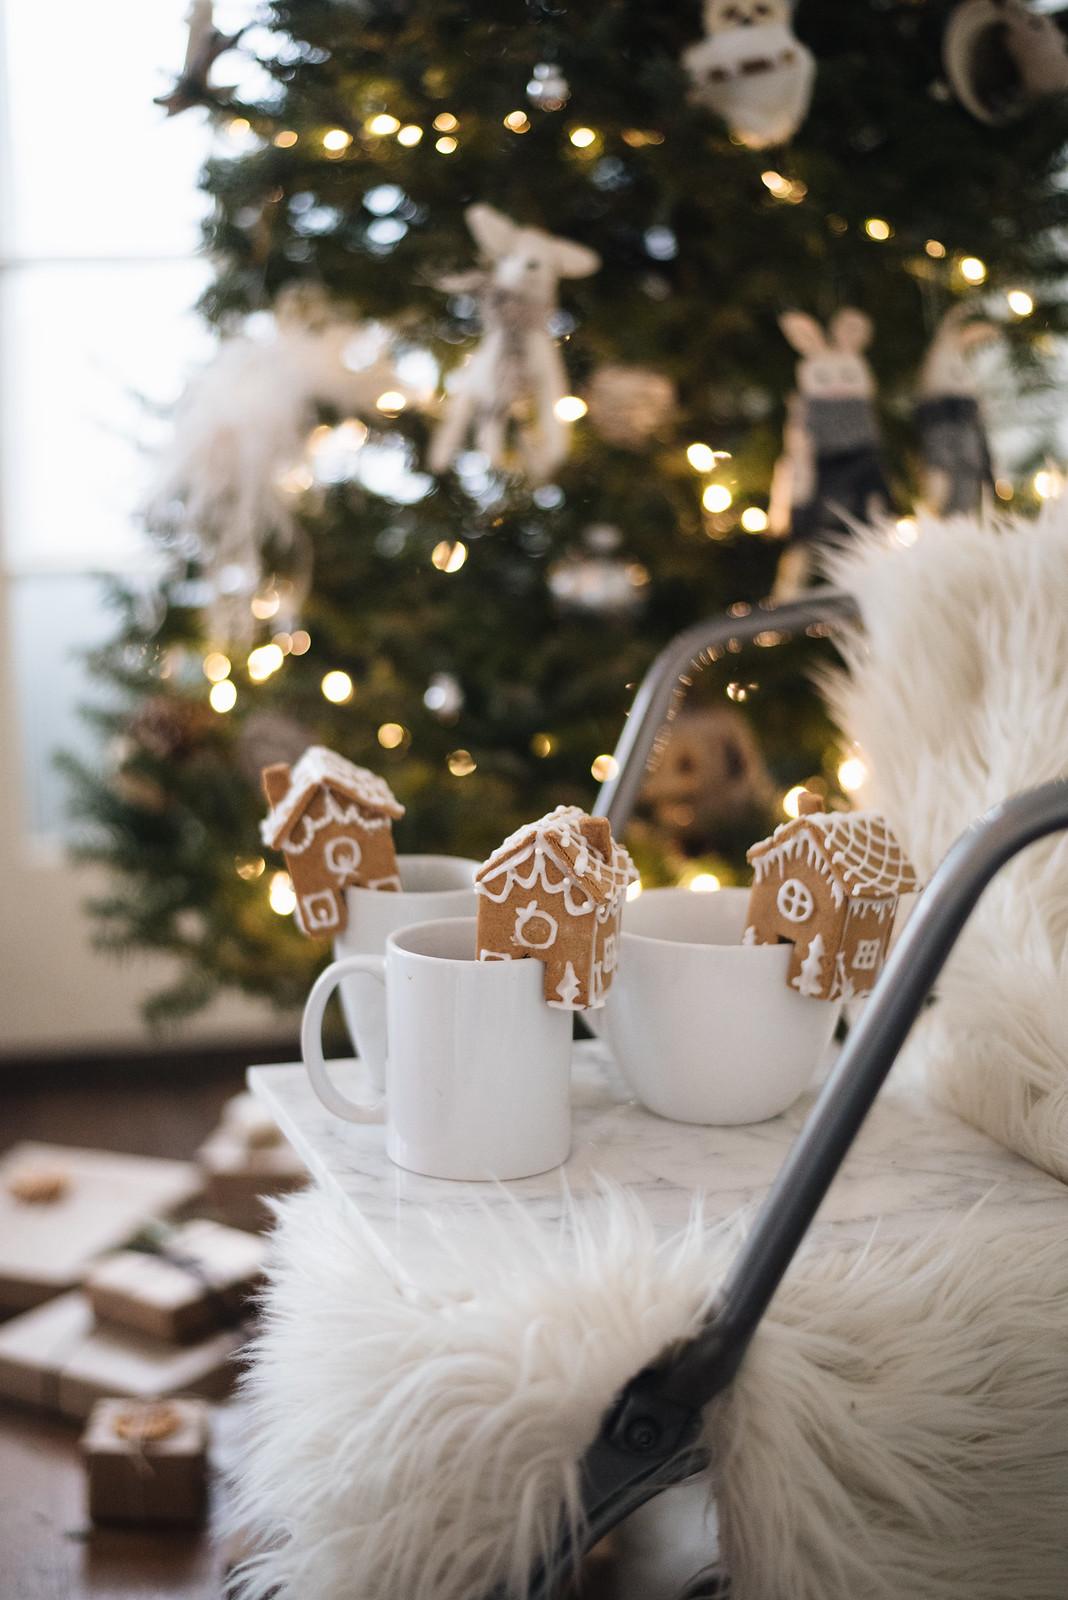 Mini Gingerbread Houses for Mugs on juliettelaura.blogspot.com